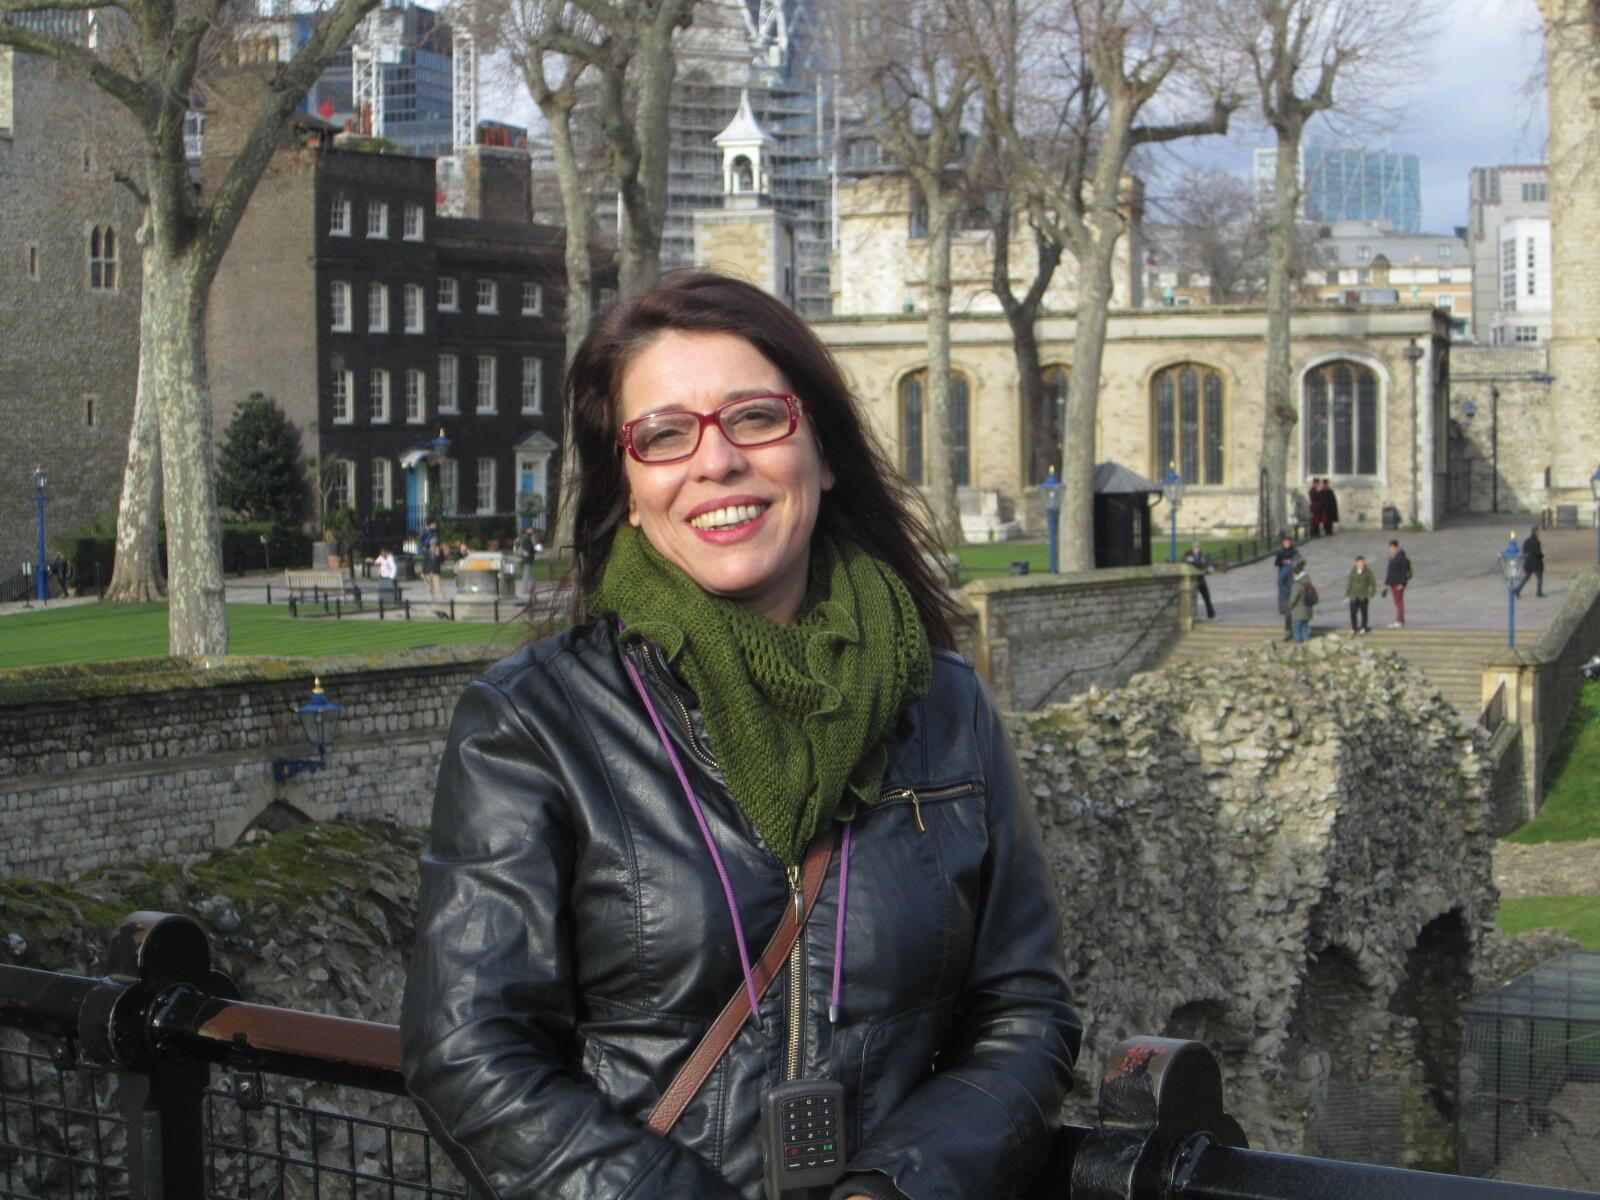 A cientista política Mara Telles, professora e pesquisadora do Departamento de Política da UFMG.